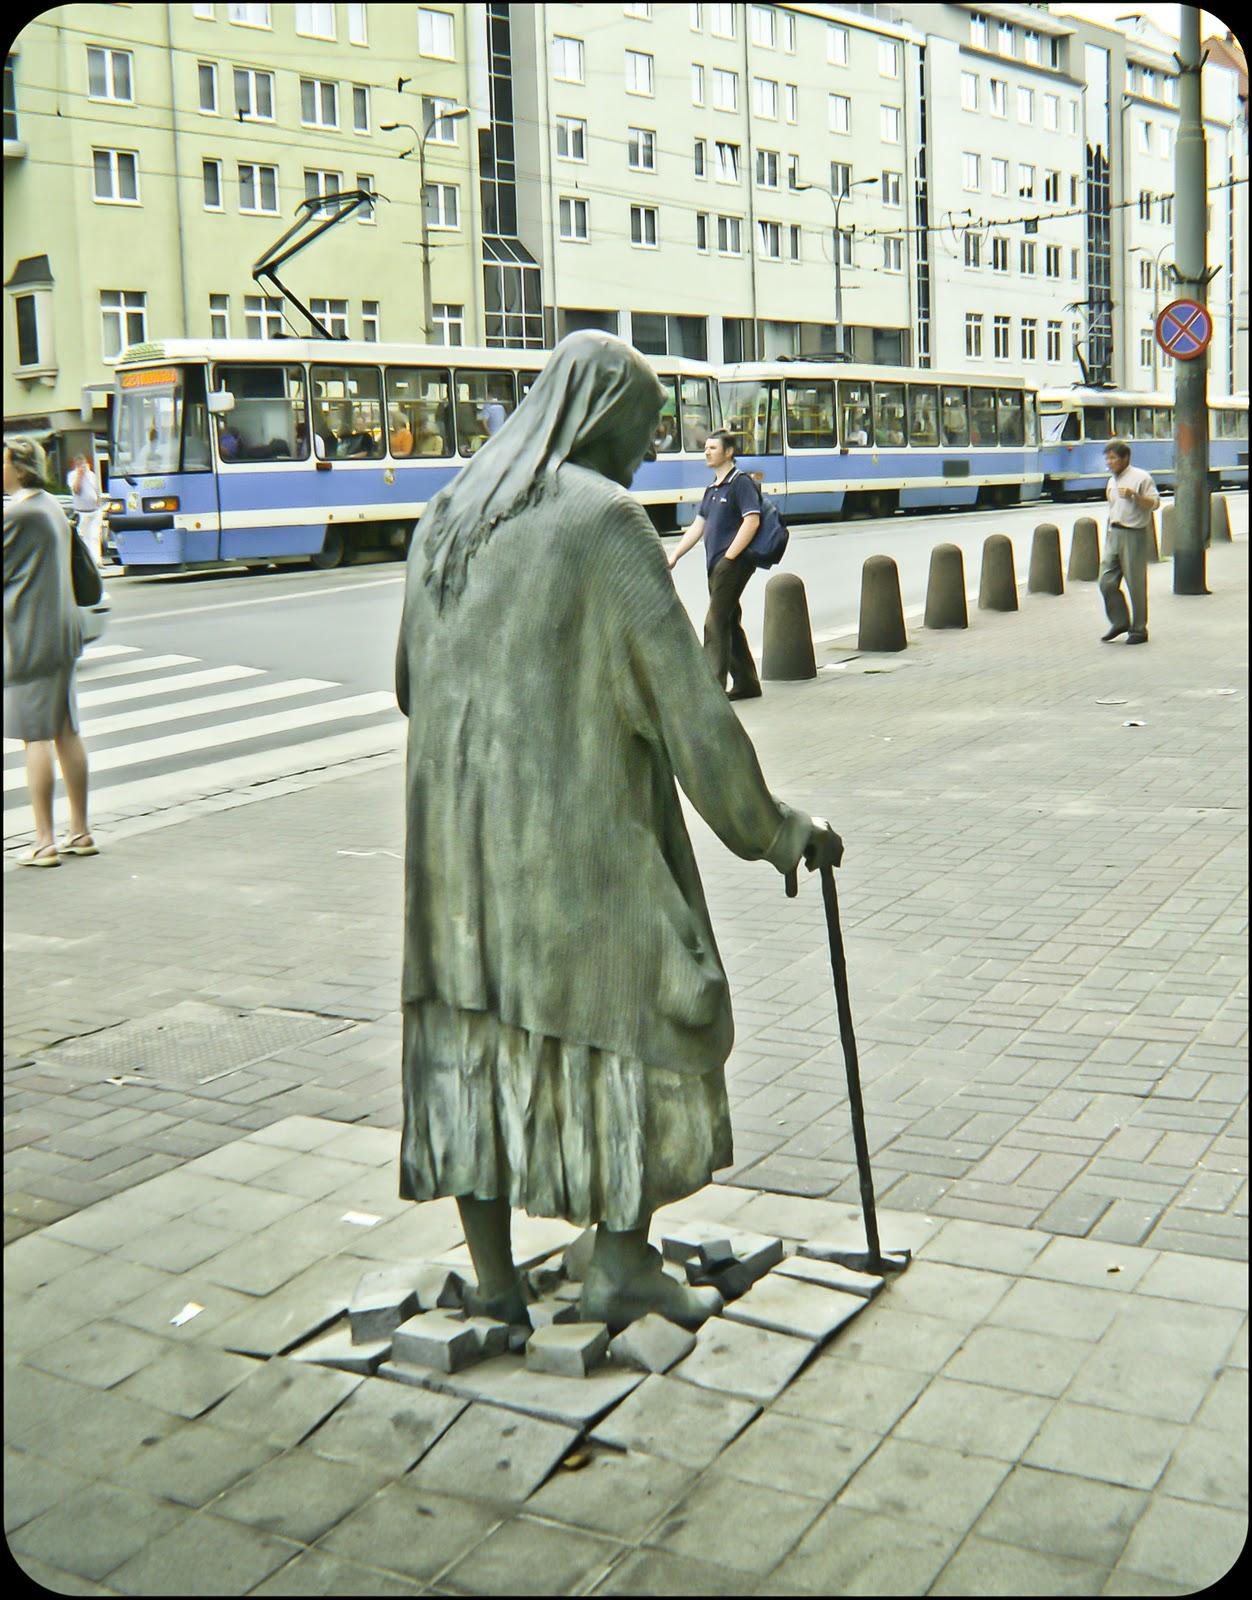 2006 Pomnik Anonimowego Przechodnia Fotoblog Miejsc